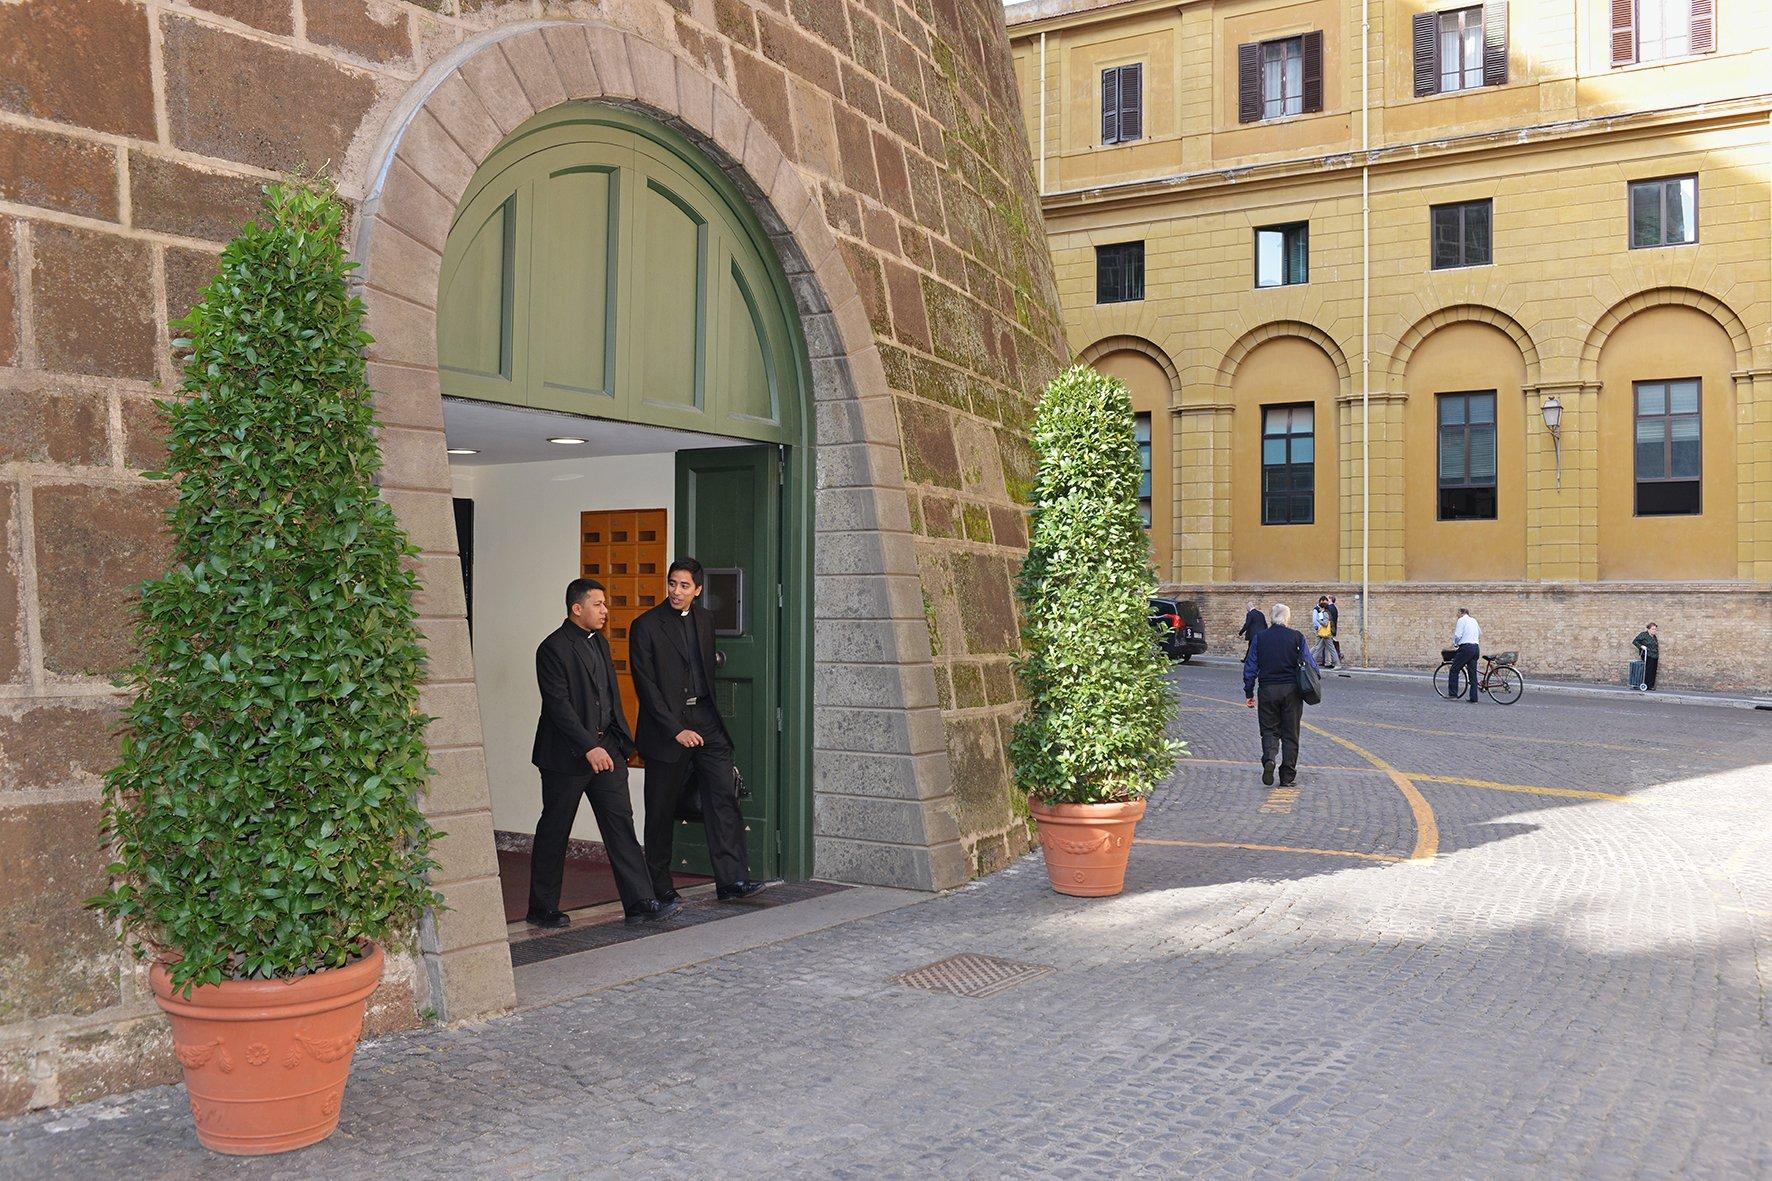 Registran la Secretaría de Estado del Vaticano tras varias denuncias sobre sus finanzas